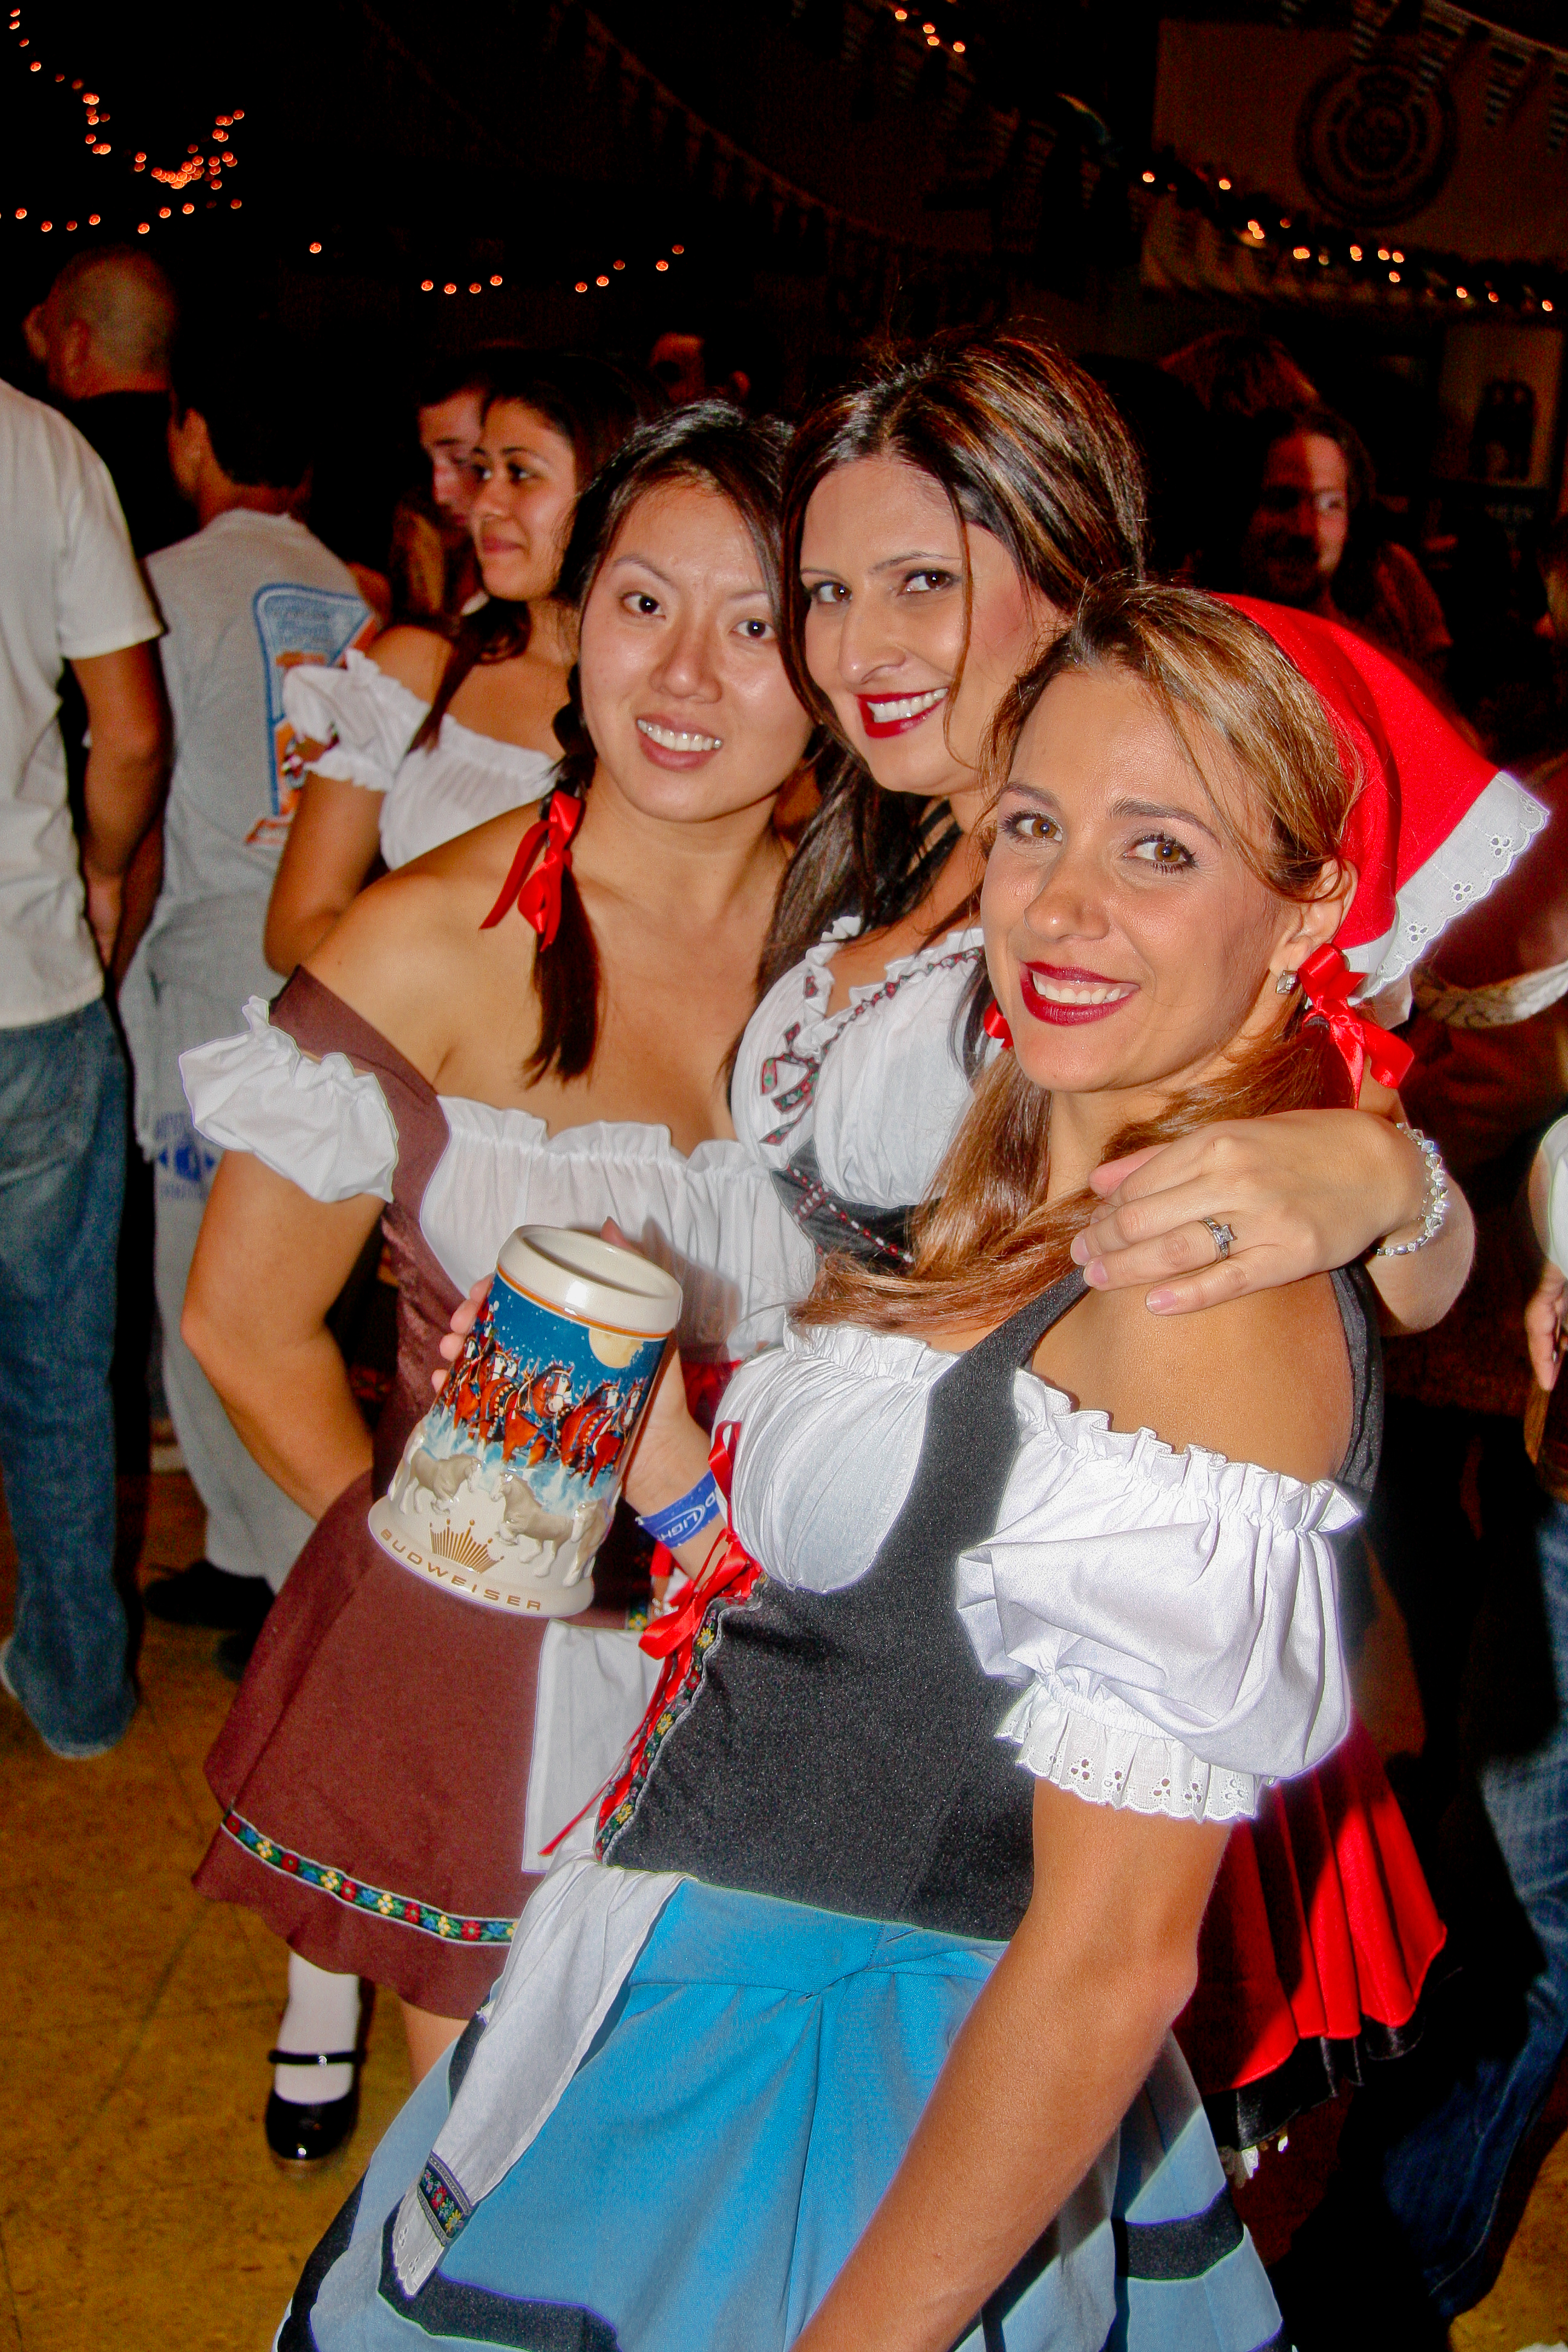 2008-ockfest-1891